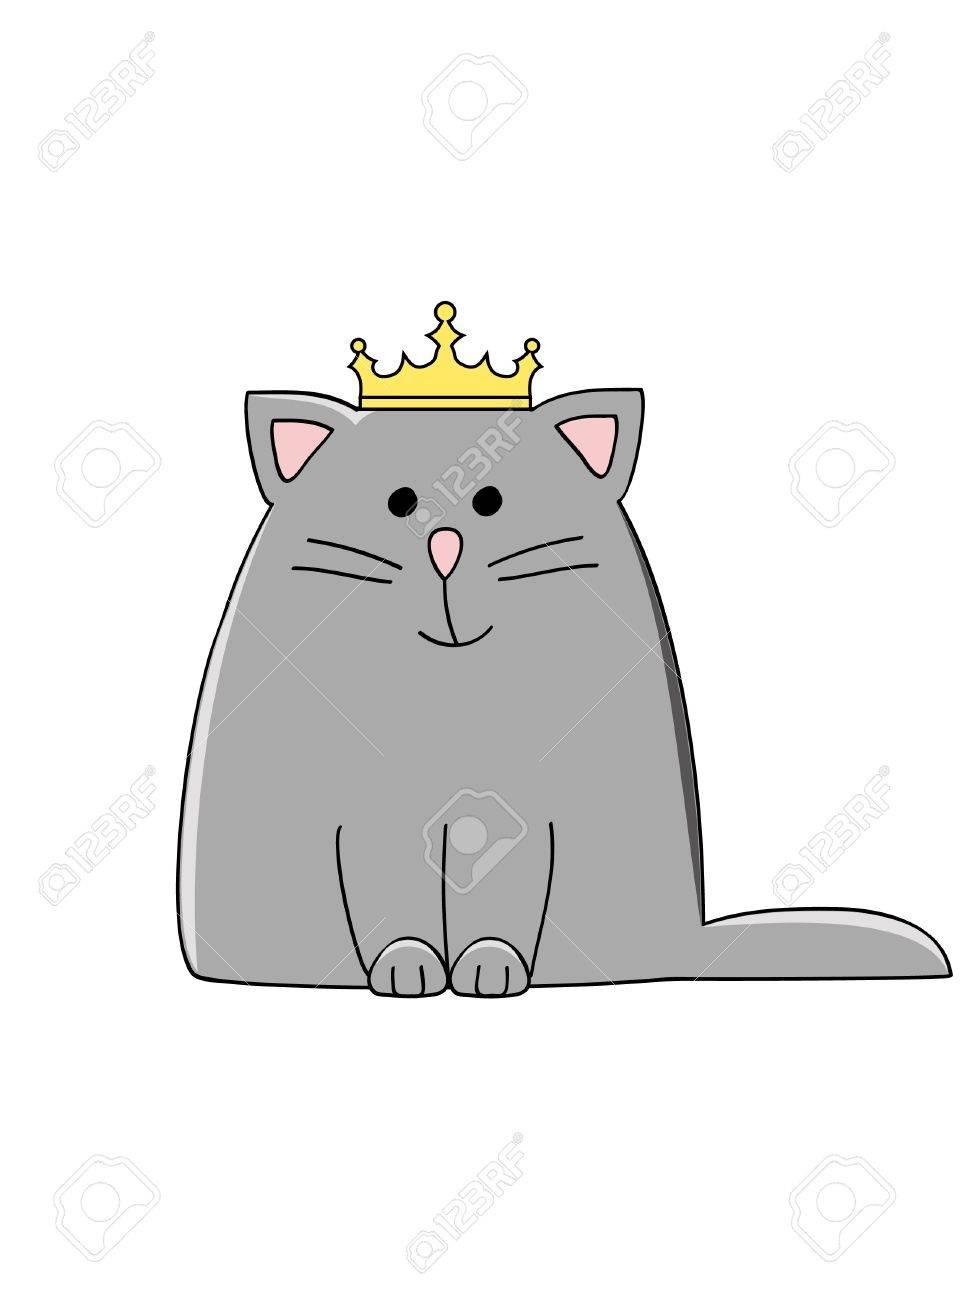 """Résultat de recherche d'images pour """"un chat couronné"""""""